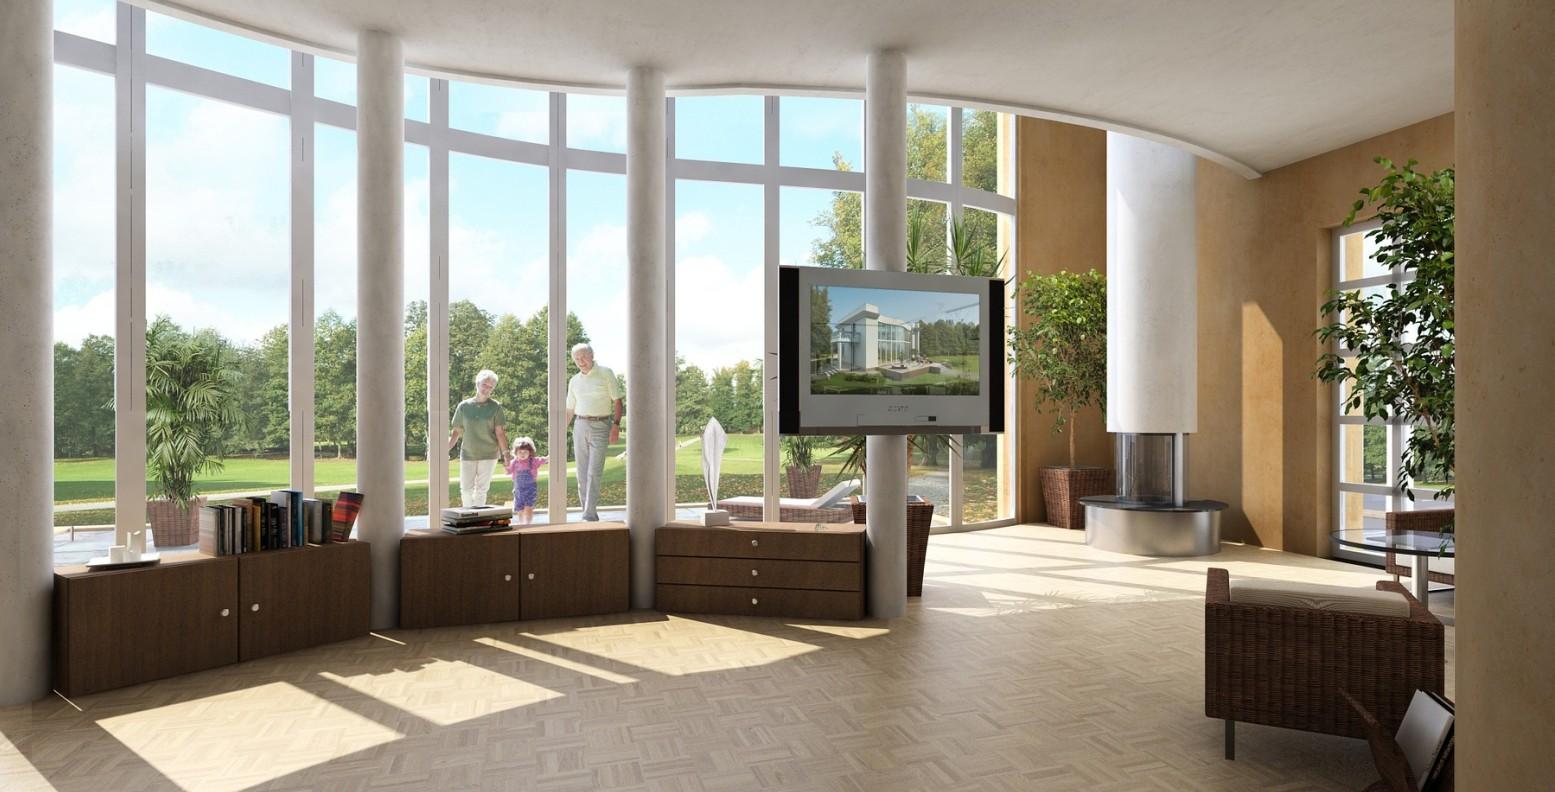 12 traumh user sch ne h user mit bildern grundriss mehr. Black Bedroom Furniture Sets. Home Design Ideas